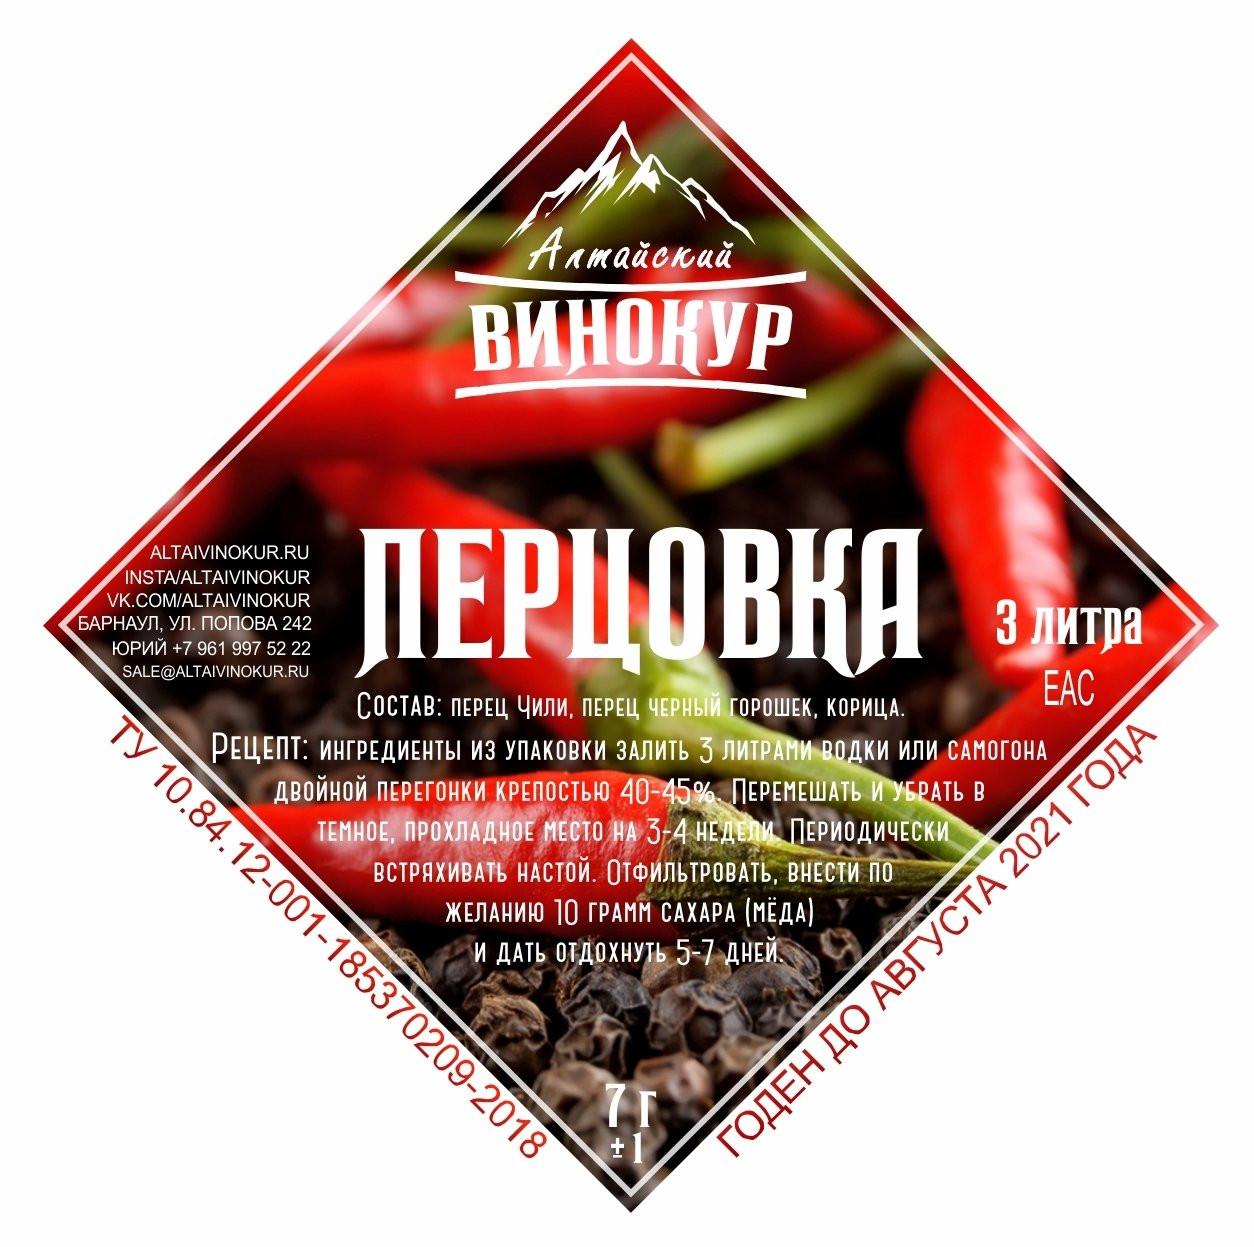 """Набор для настаивания """"Перцовка"""" (Алтайский винокур)"""